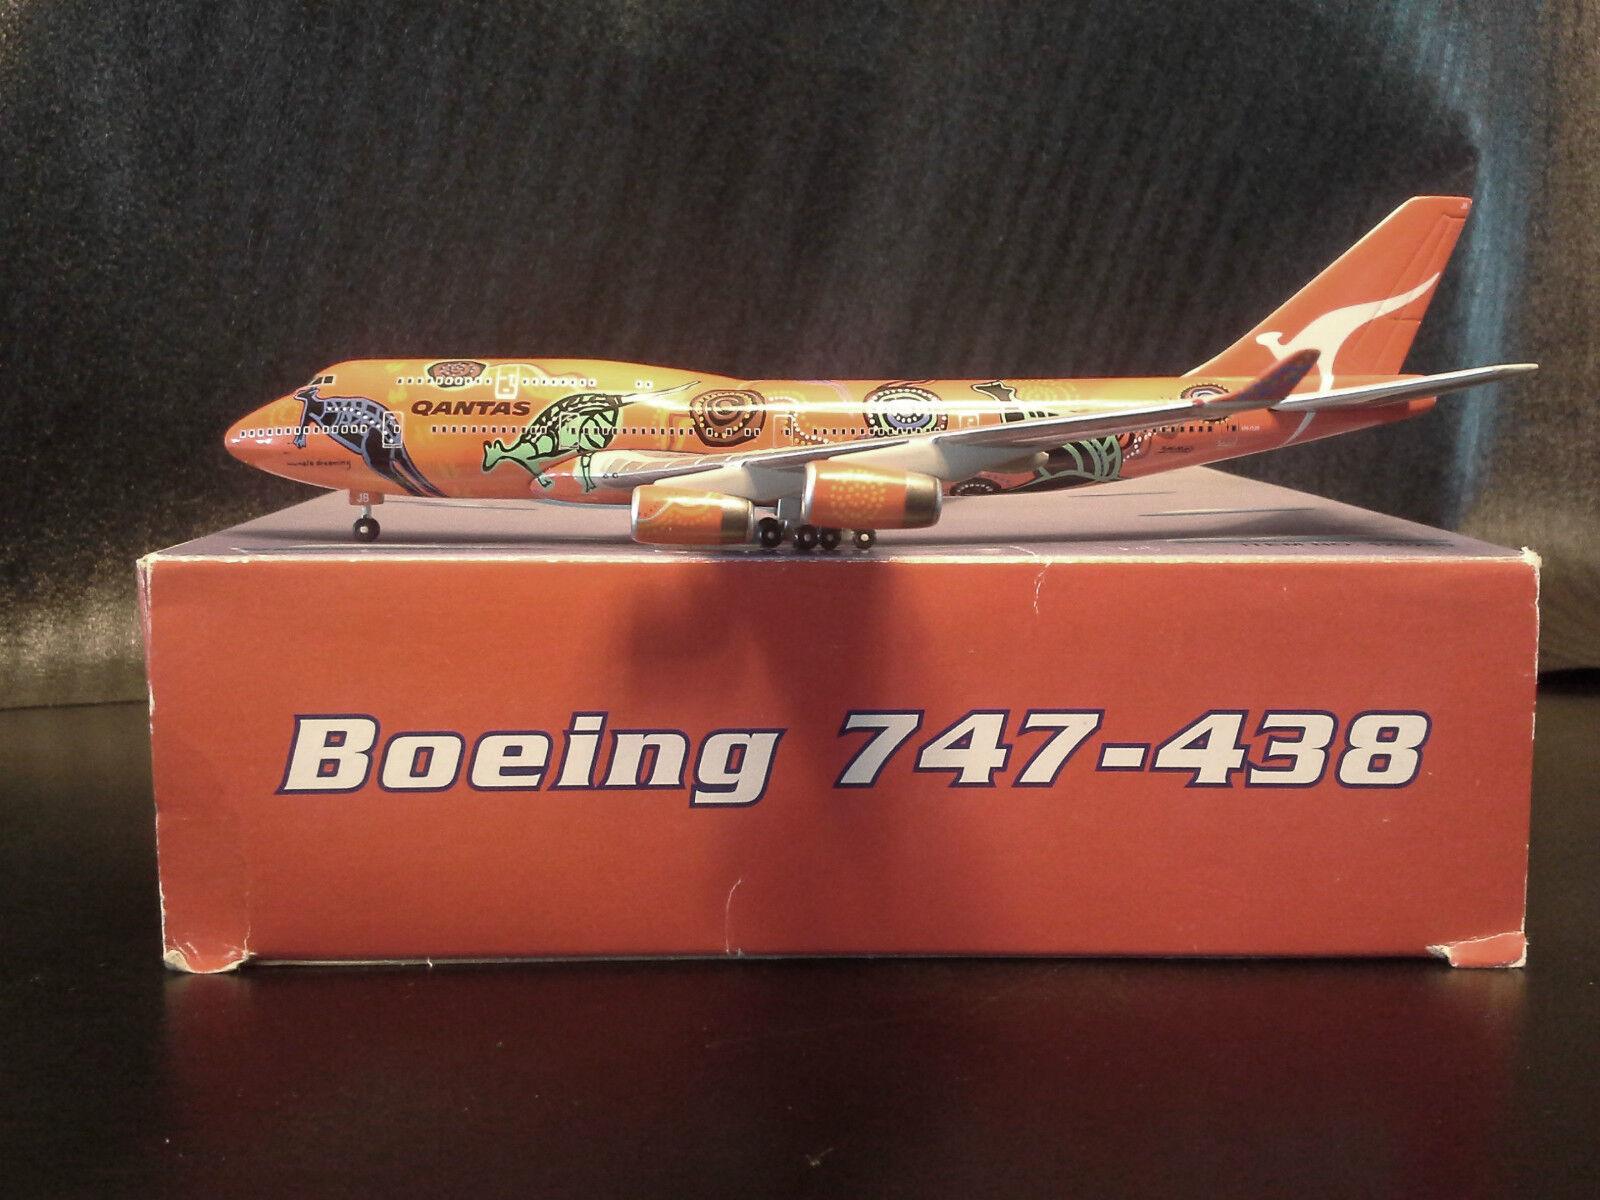 TUCANO LINE QANTAS BOEING 747-400 WUNALA DREAMING VH-OJB 1:400